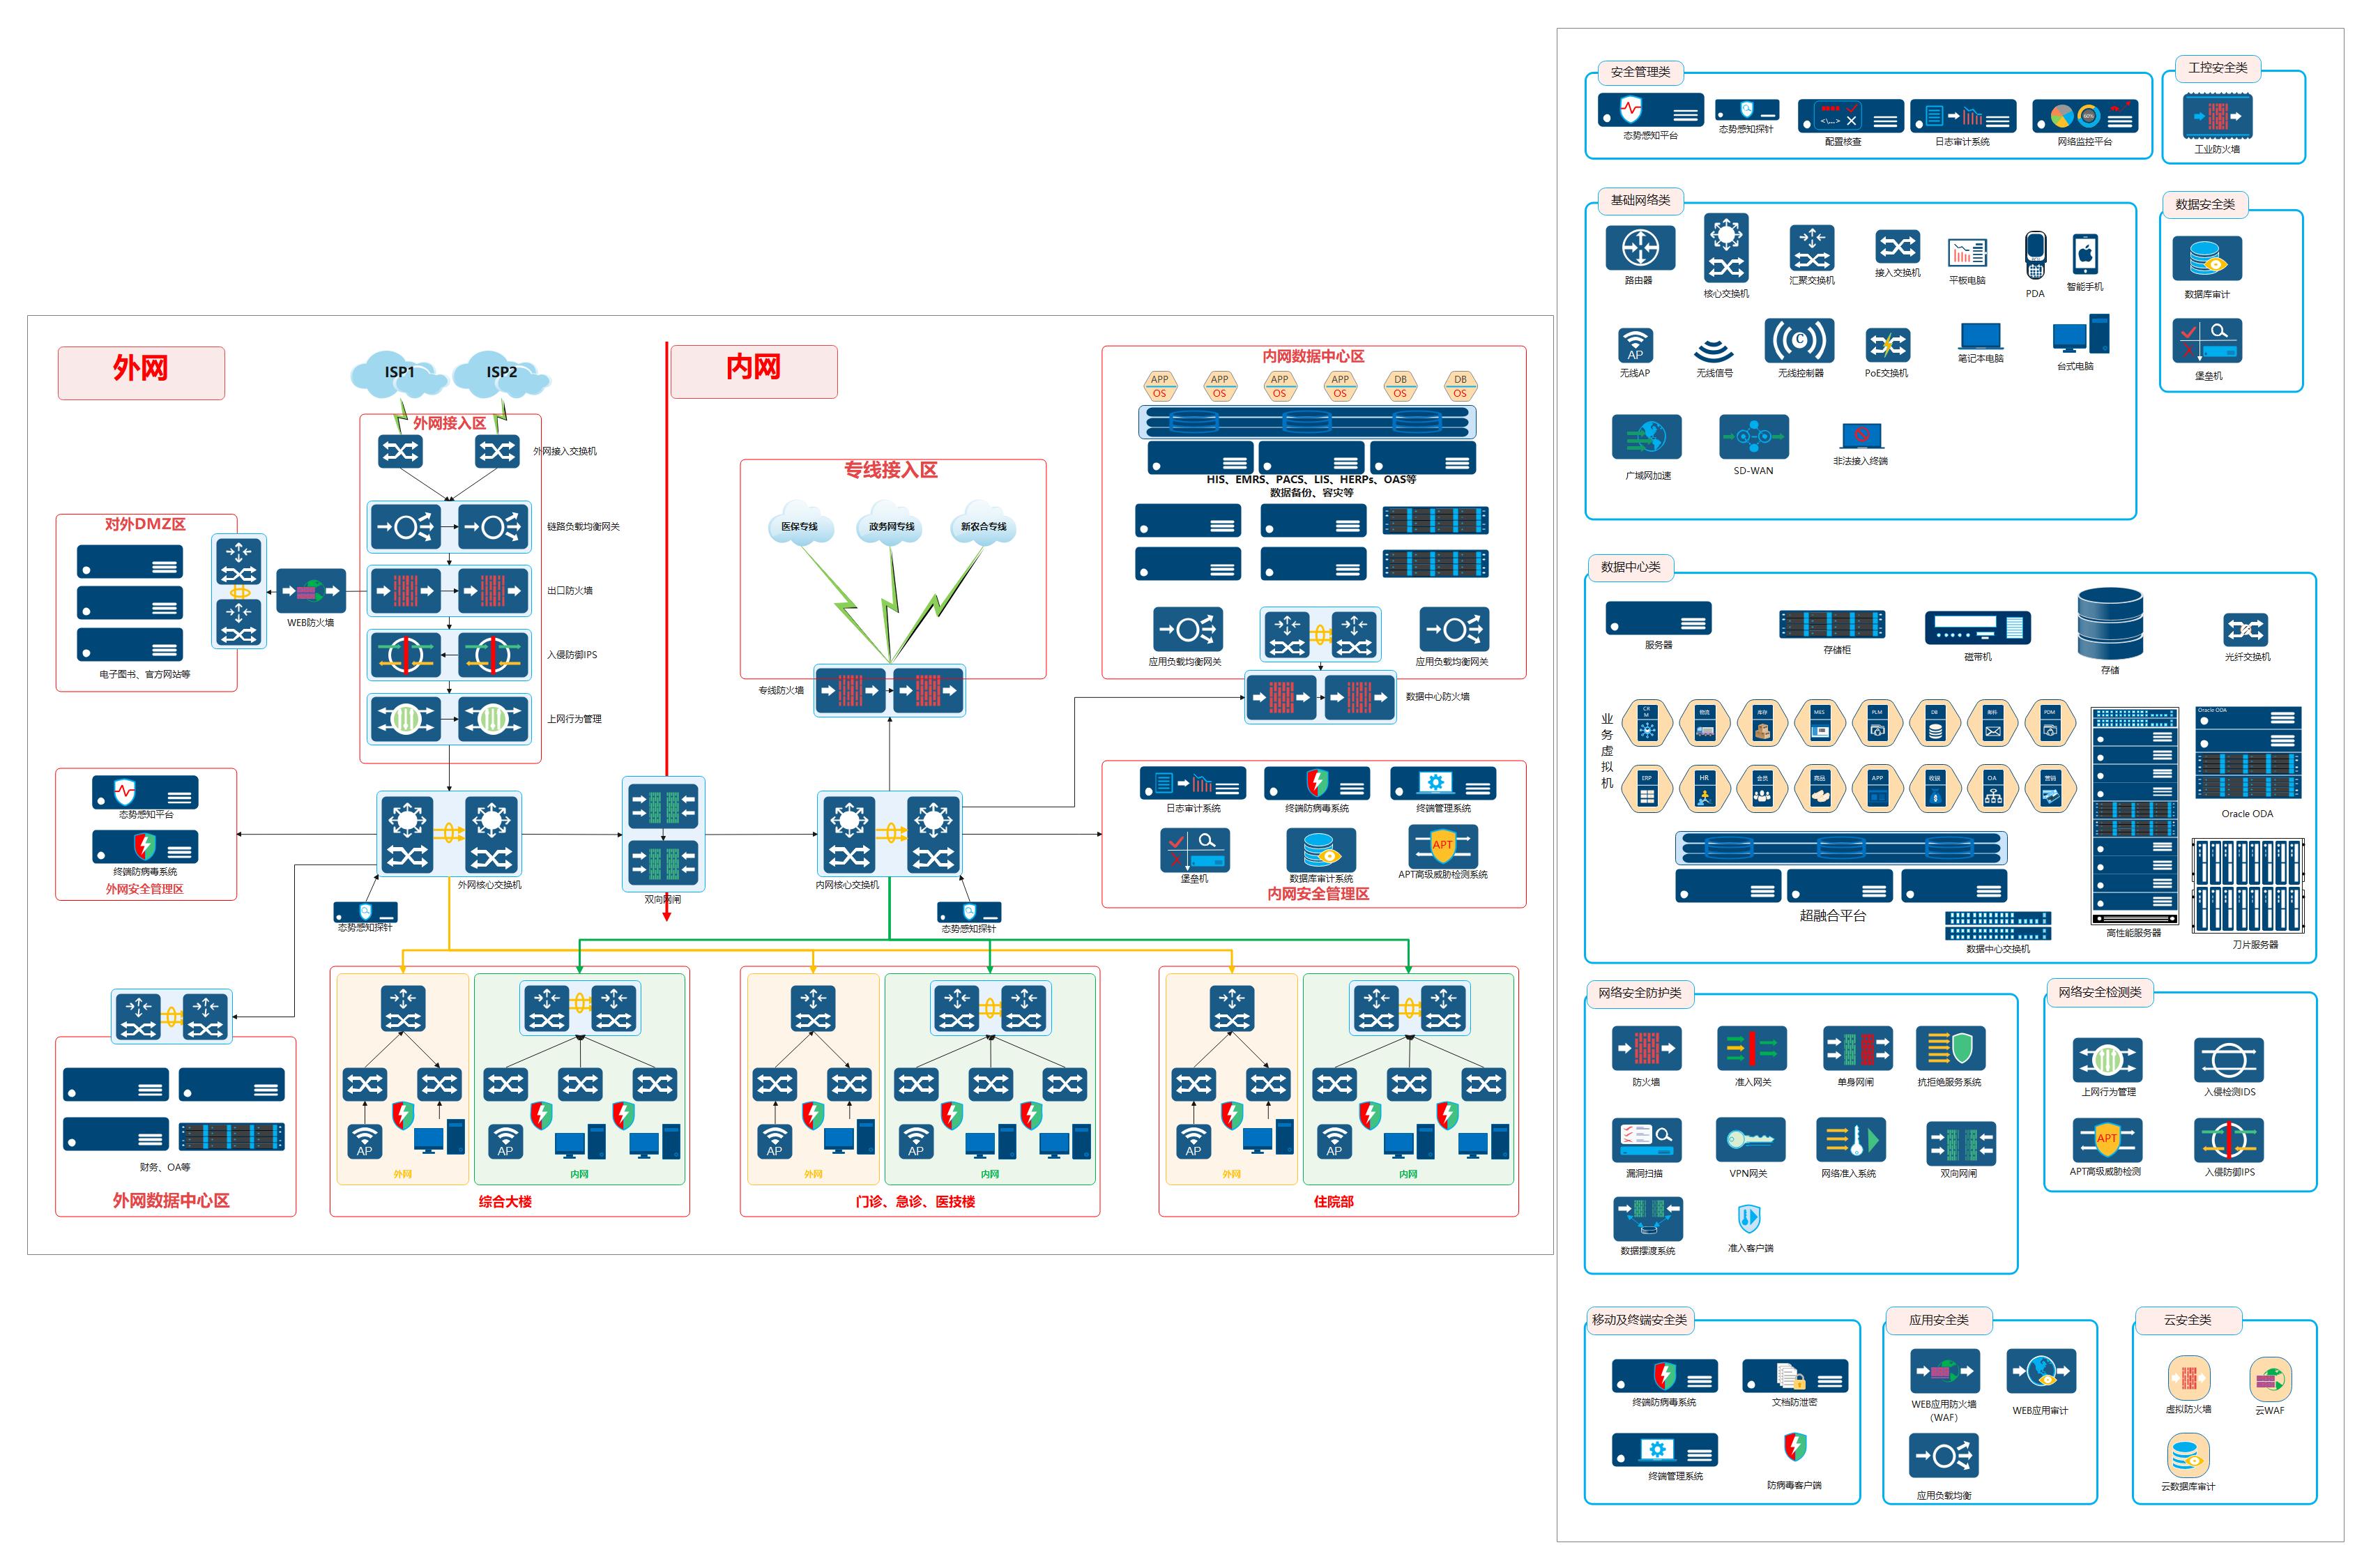 医院网络架构图